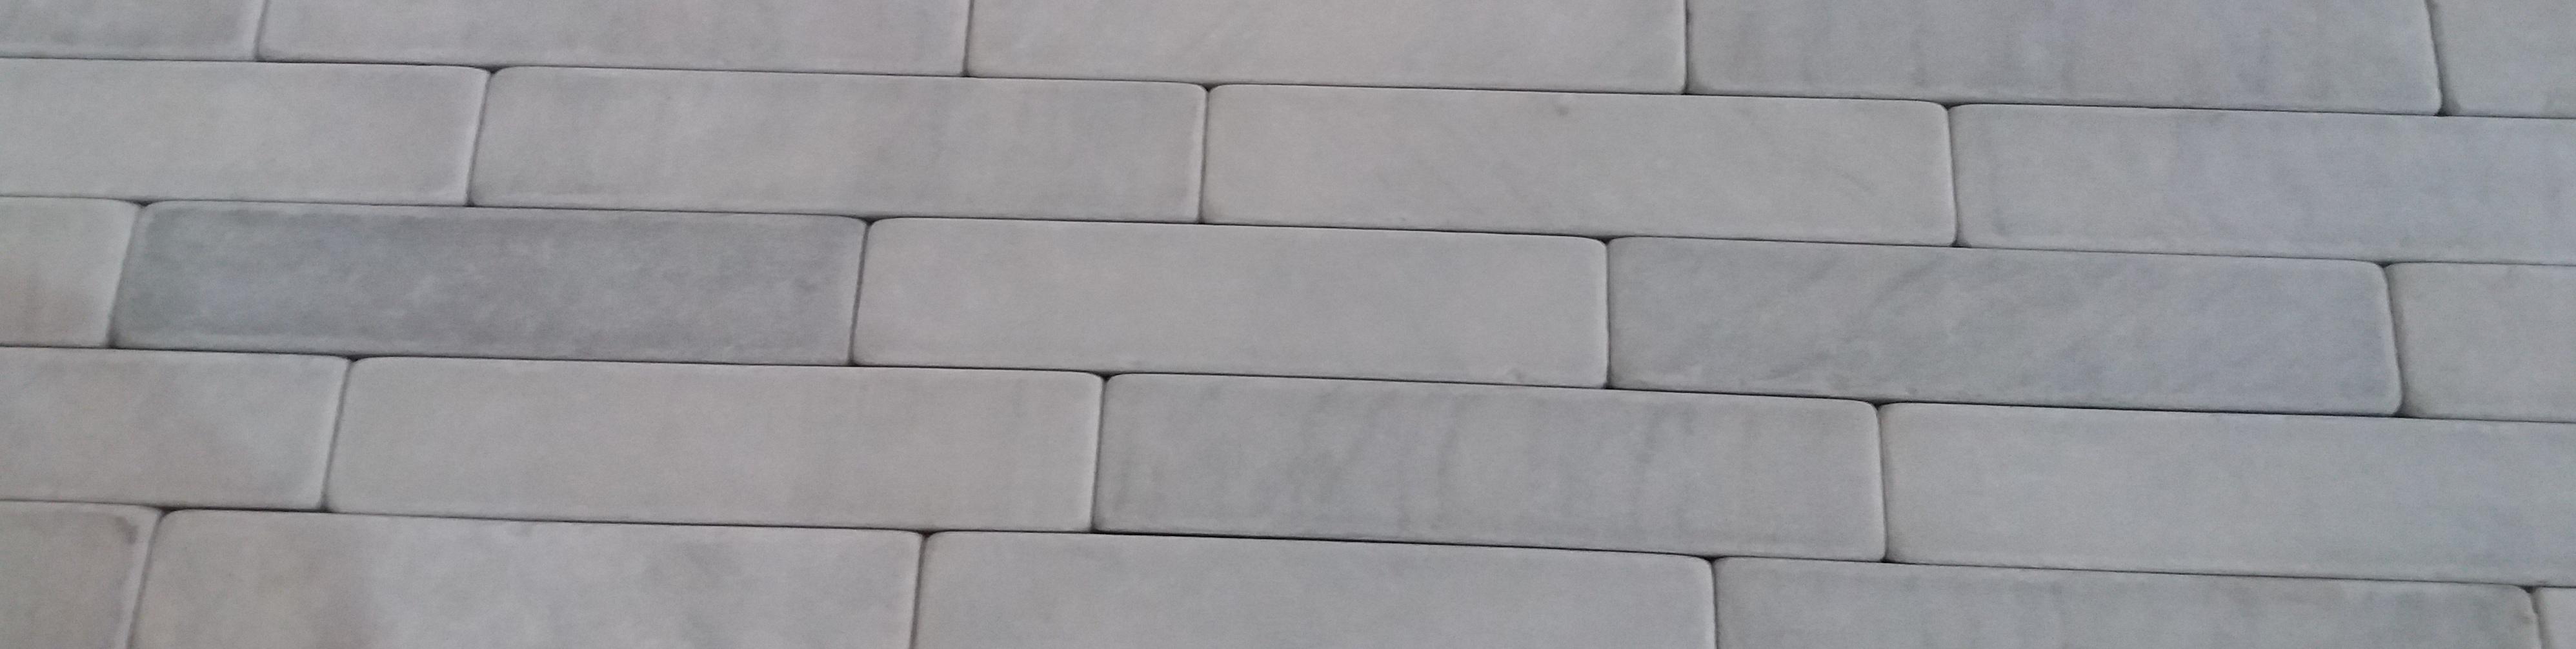 CQ3SG Sandstone Grey